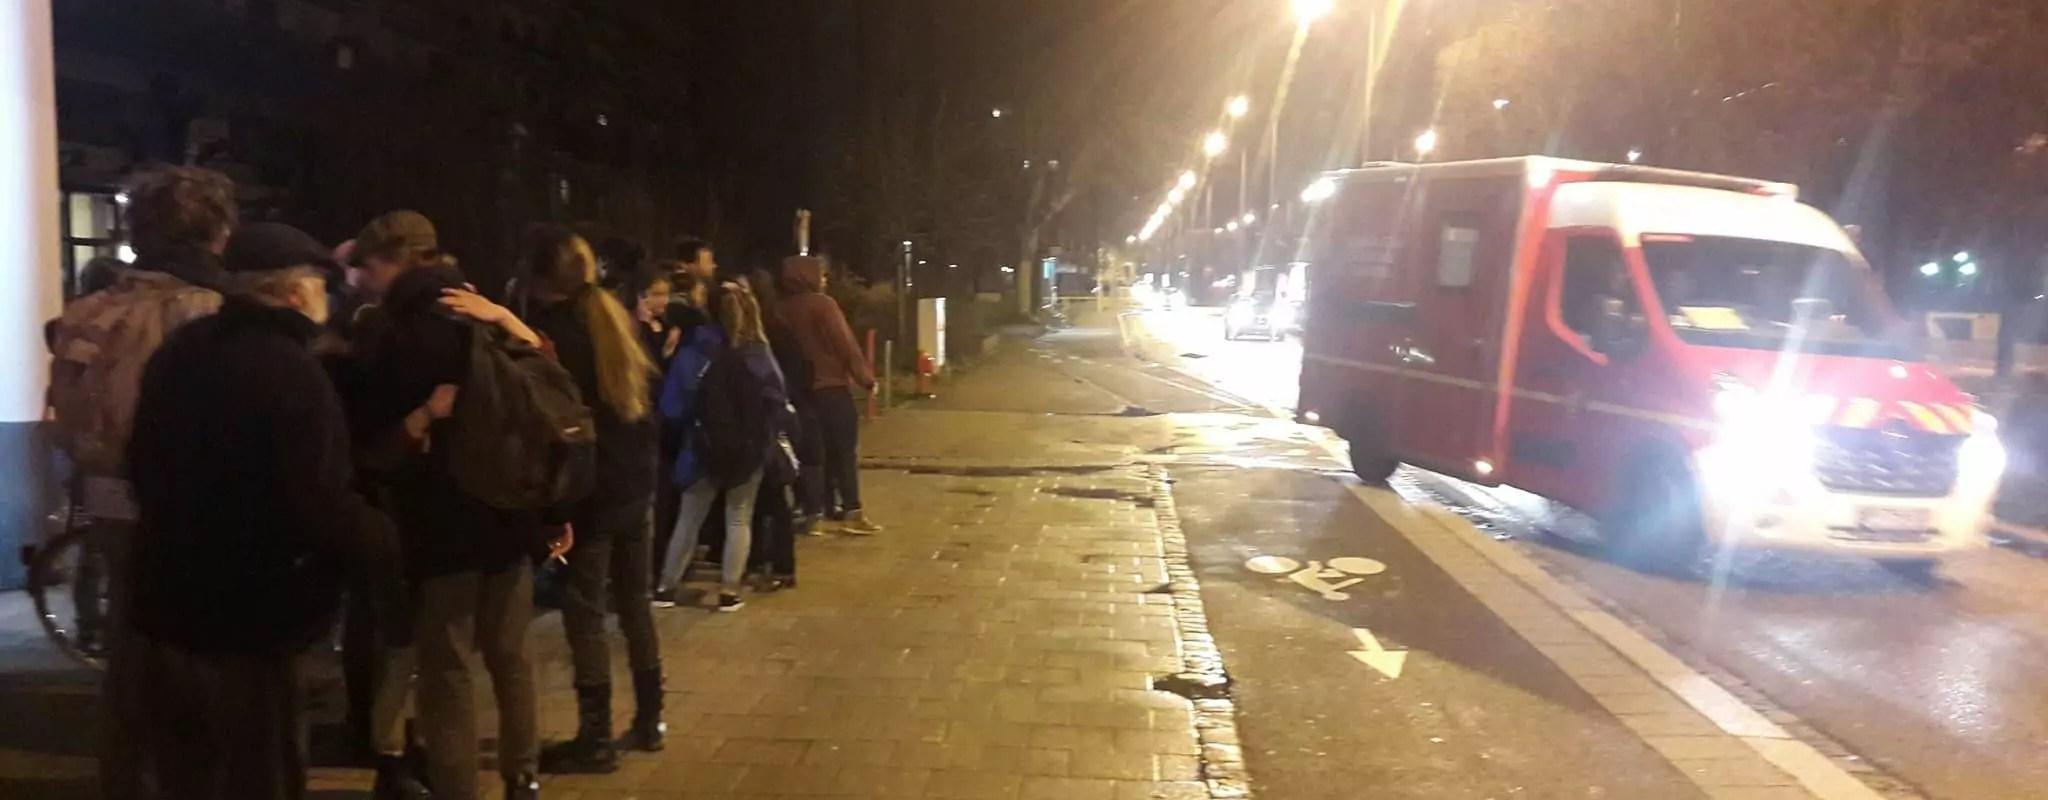 Quatre étudiants frappés pour avoir arraché des affiches du Bastion Social